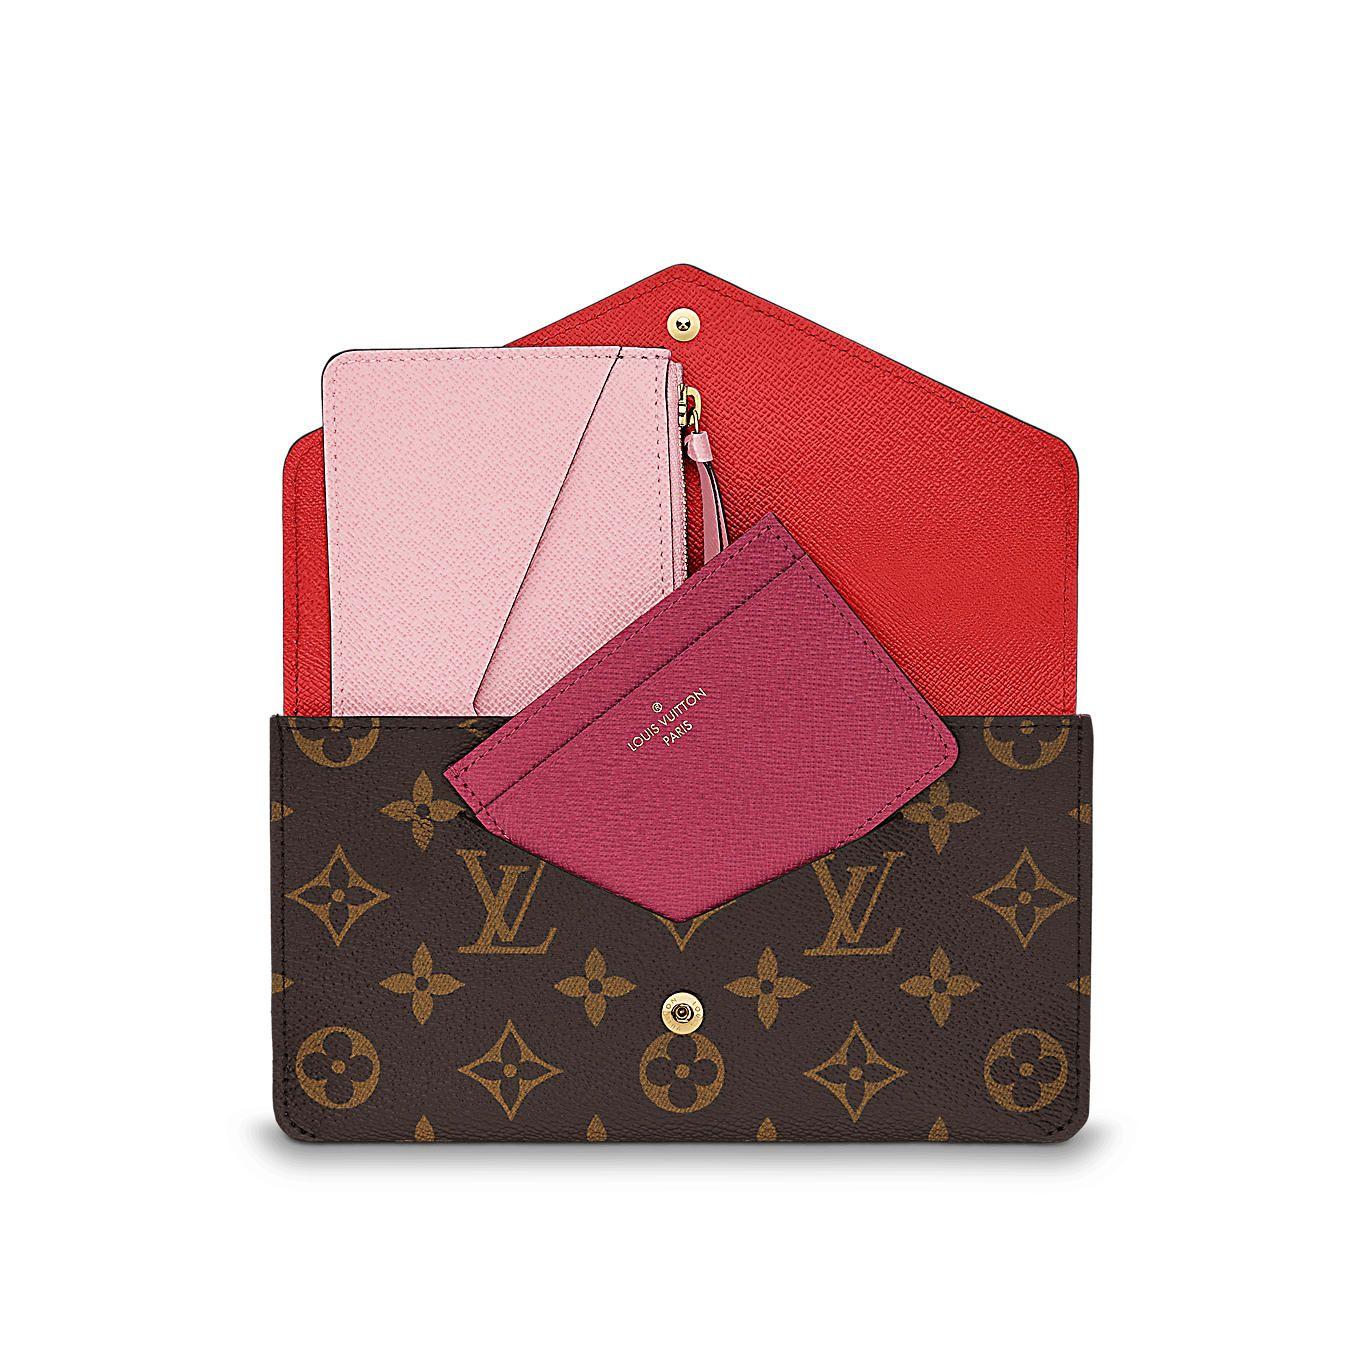 newest 49b5d 3a026 Jeanne Wallet | Products | Louis vuitton, Louis vuitton monogram ...